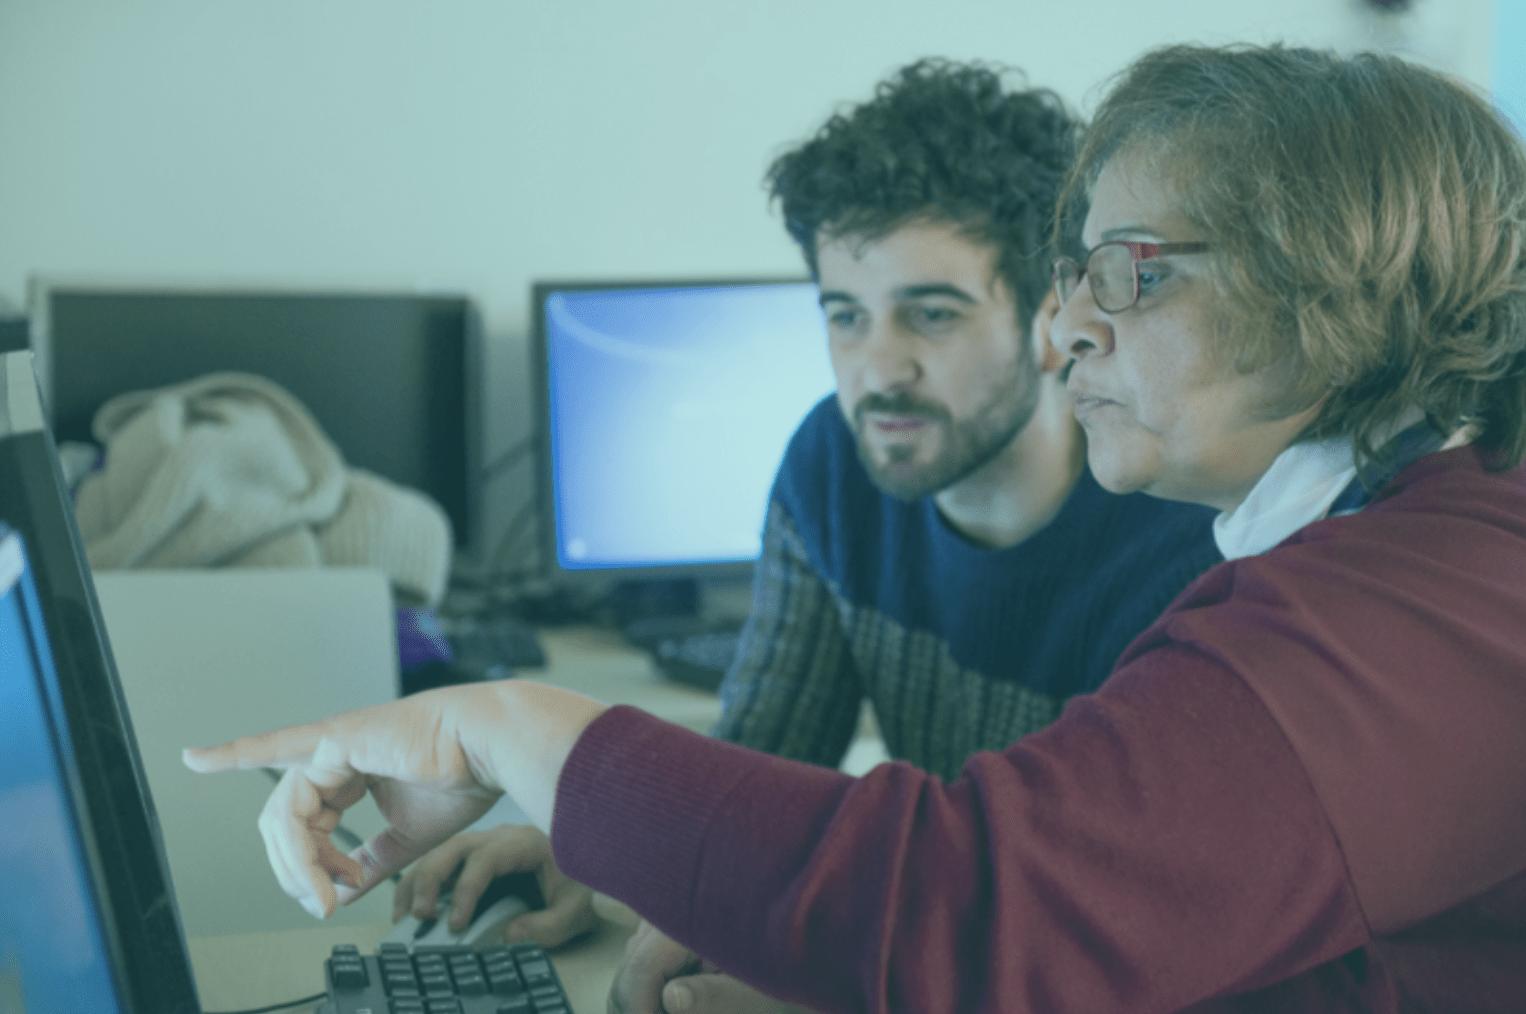 L'alliance d'Emmaüs Connect et des Eaux Vives pour l'inclusion numérique à Nantes